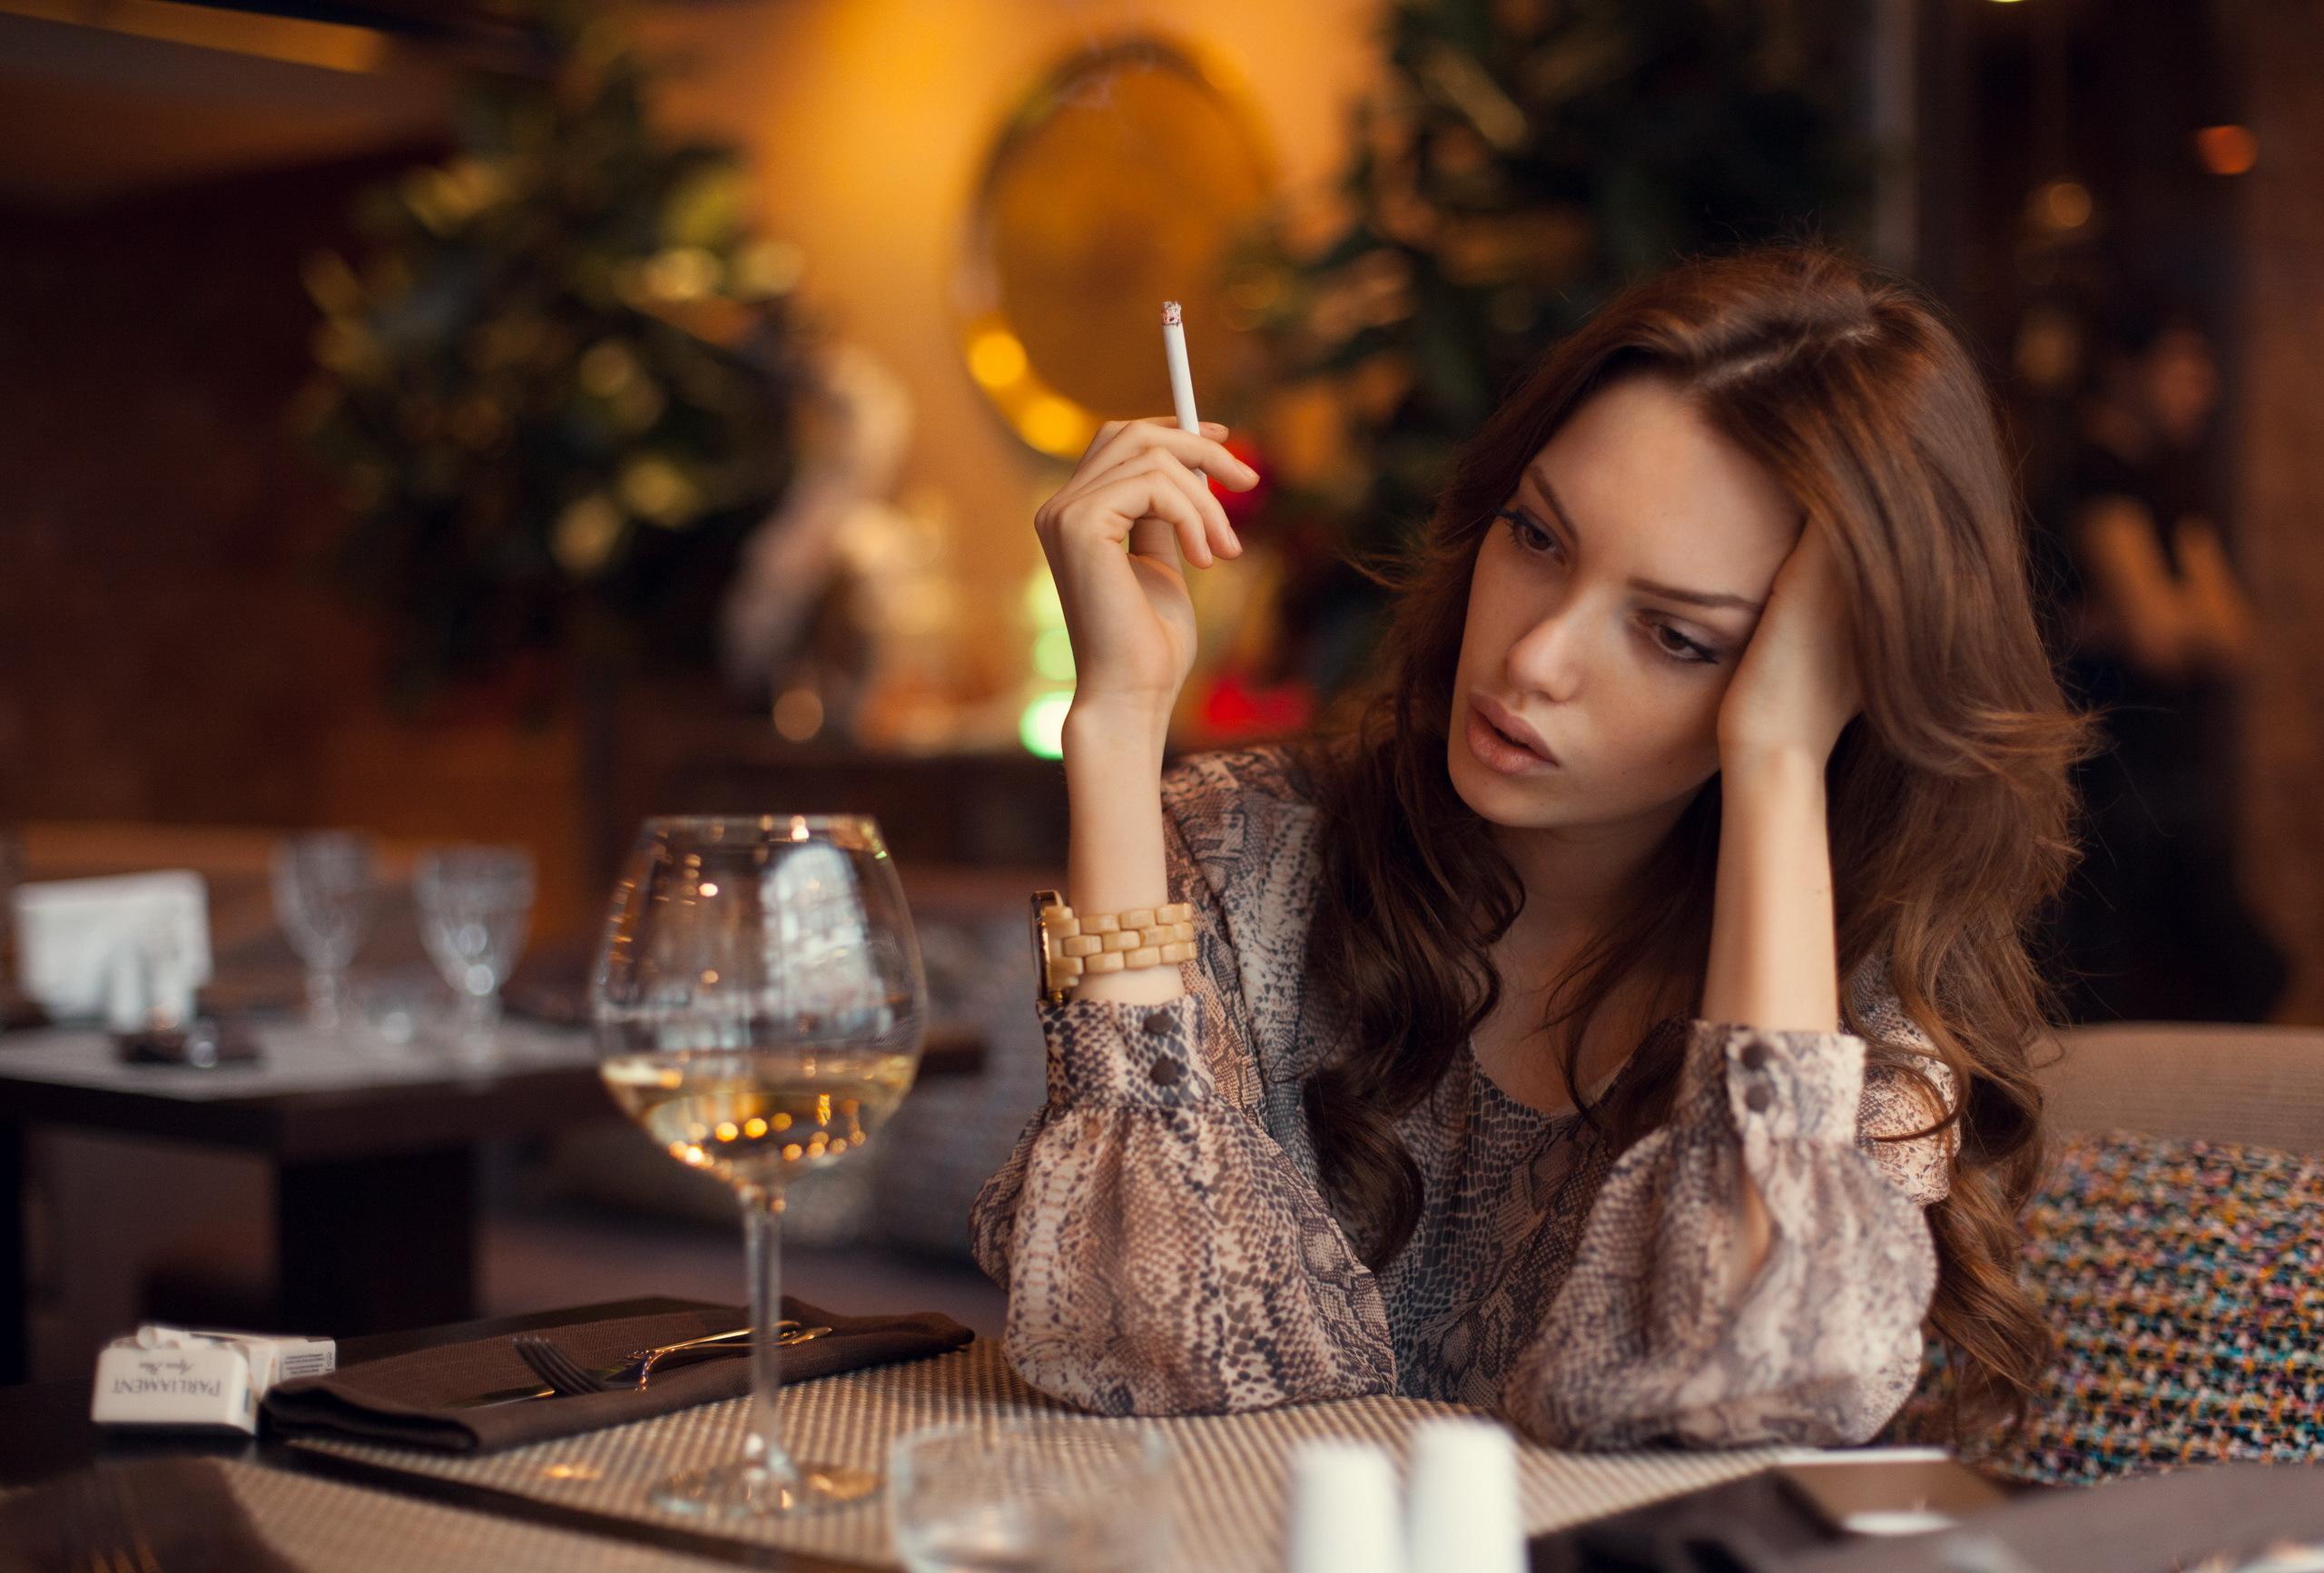 Фото девушки с фужером вина